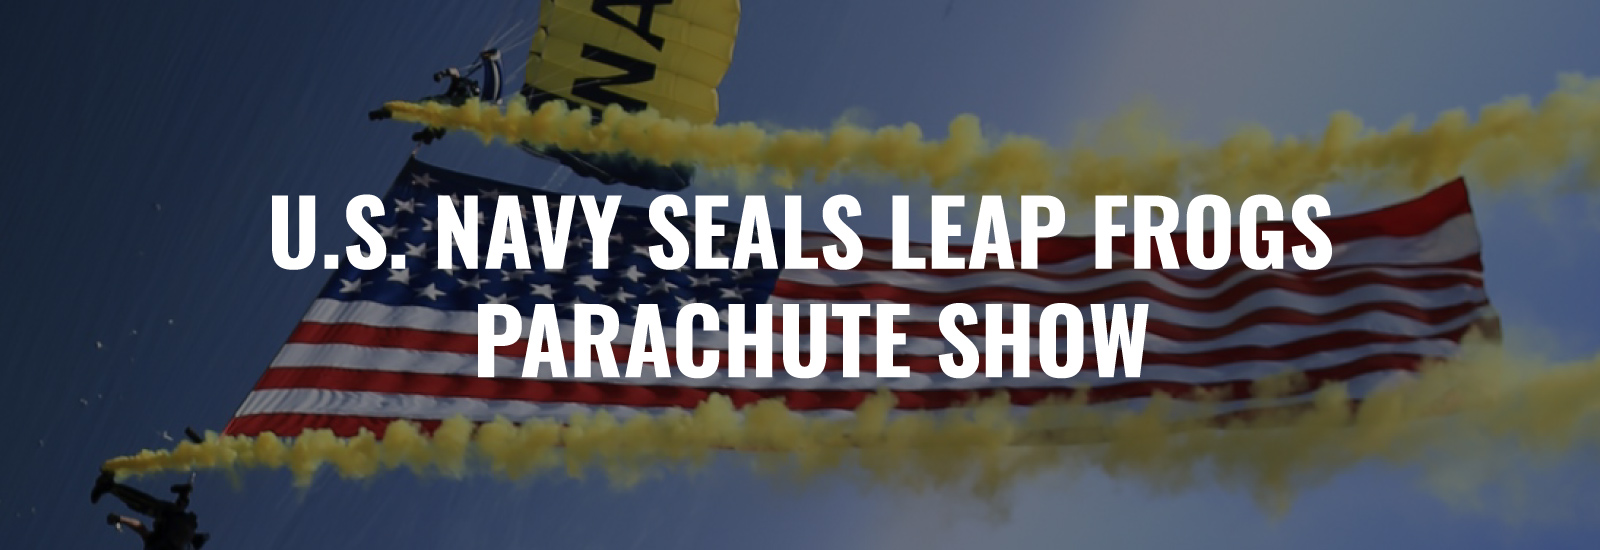 U.S. Navy SEALs Leap Frogs Parachute Show